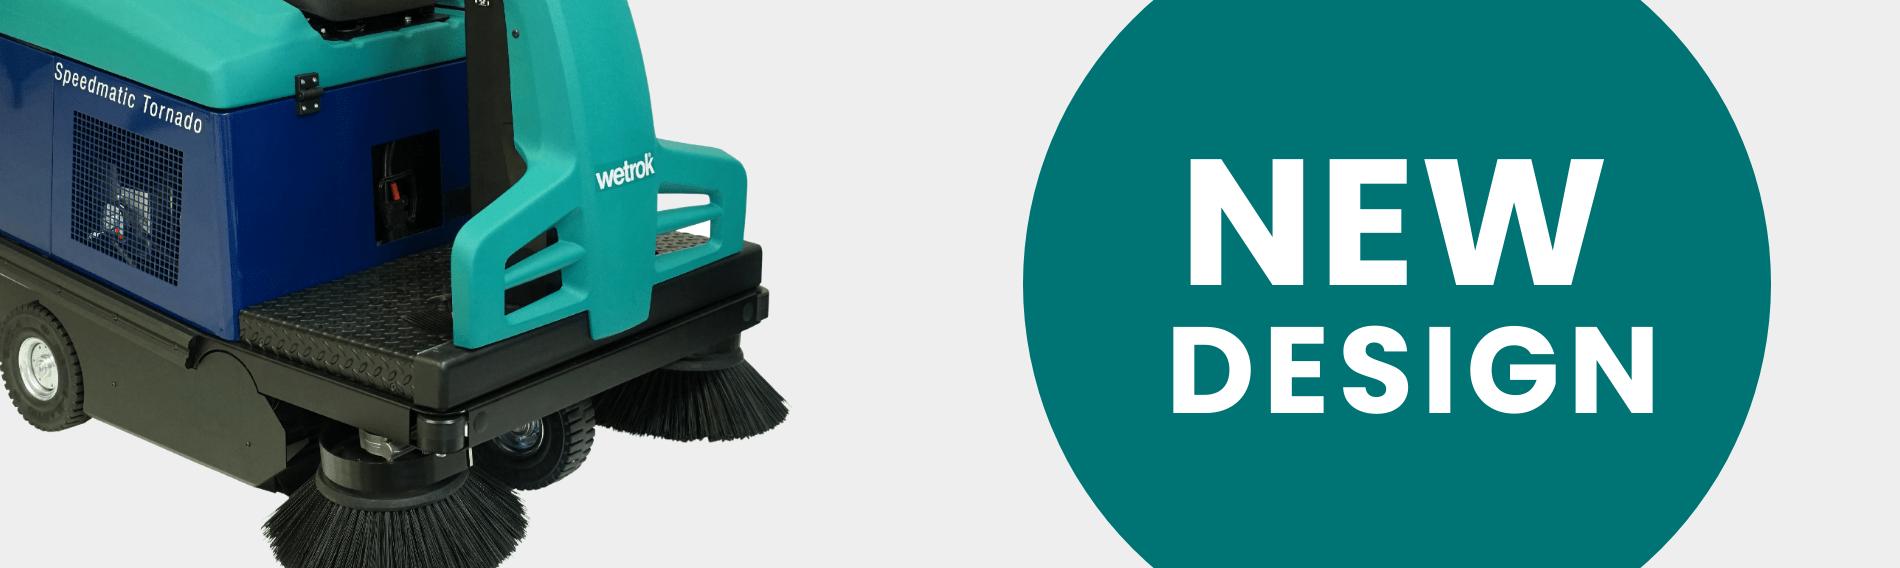 Speedmatic Tornado vacuum sweeper